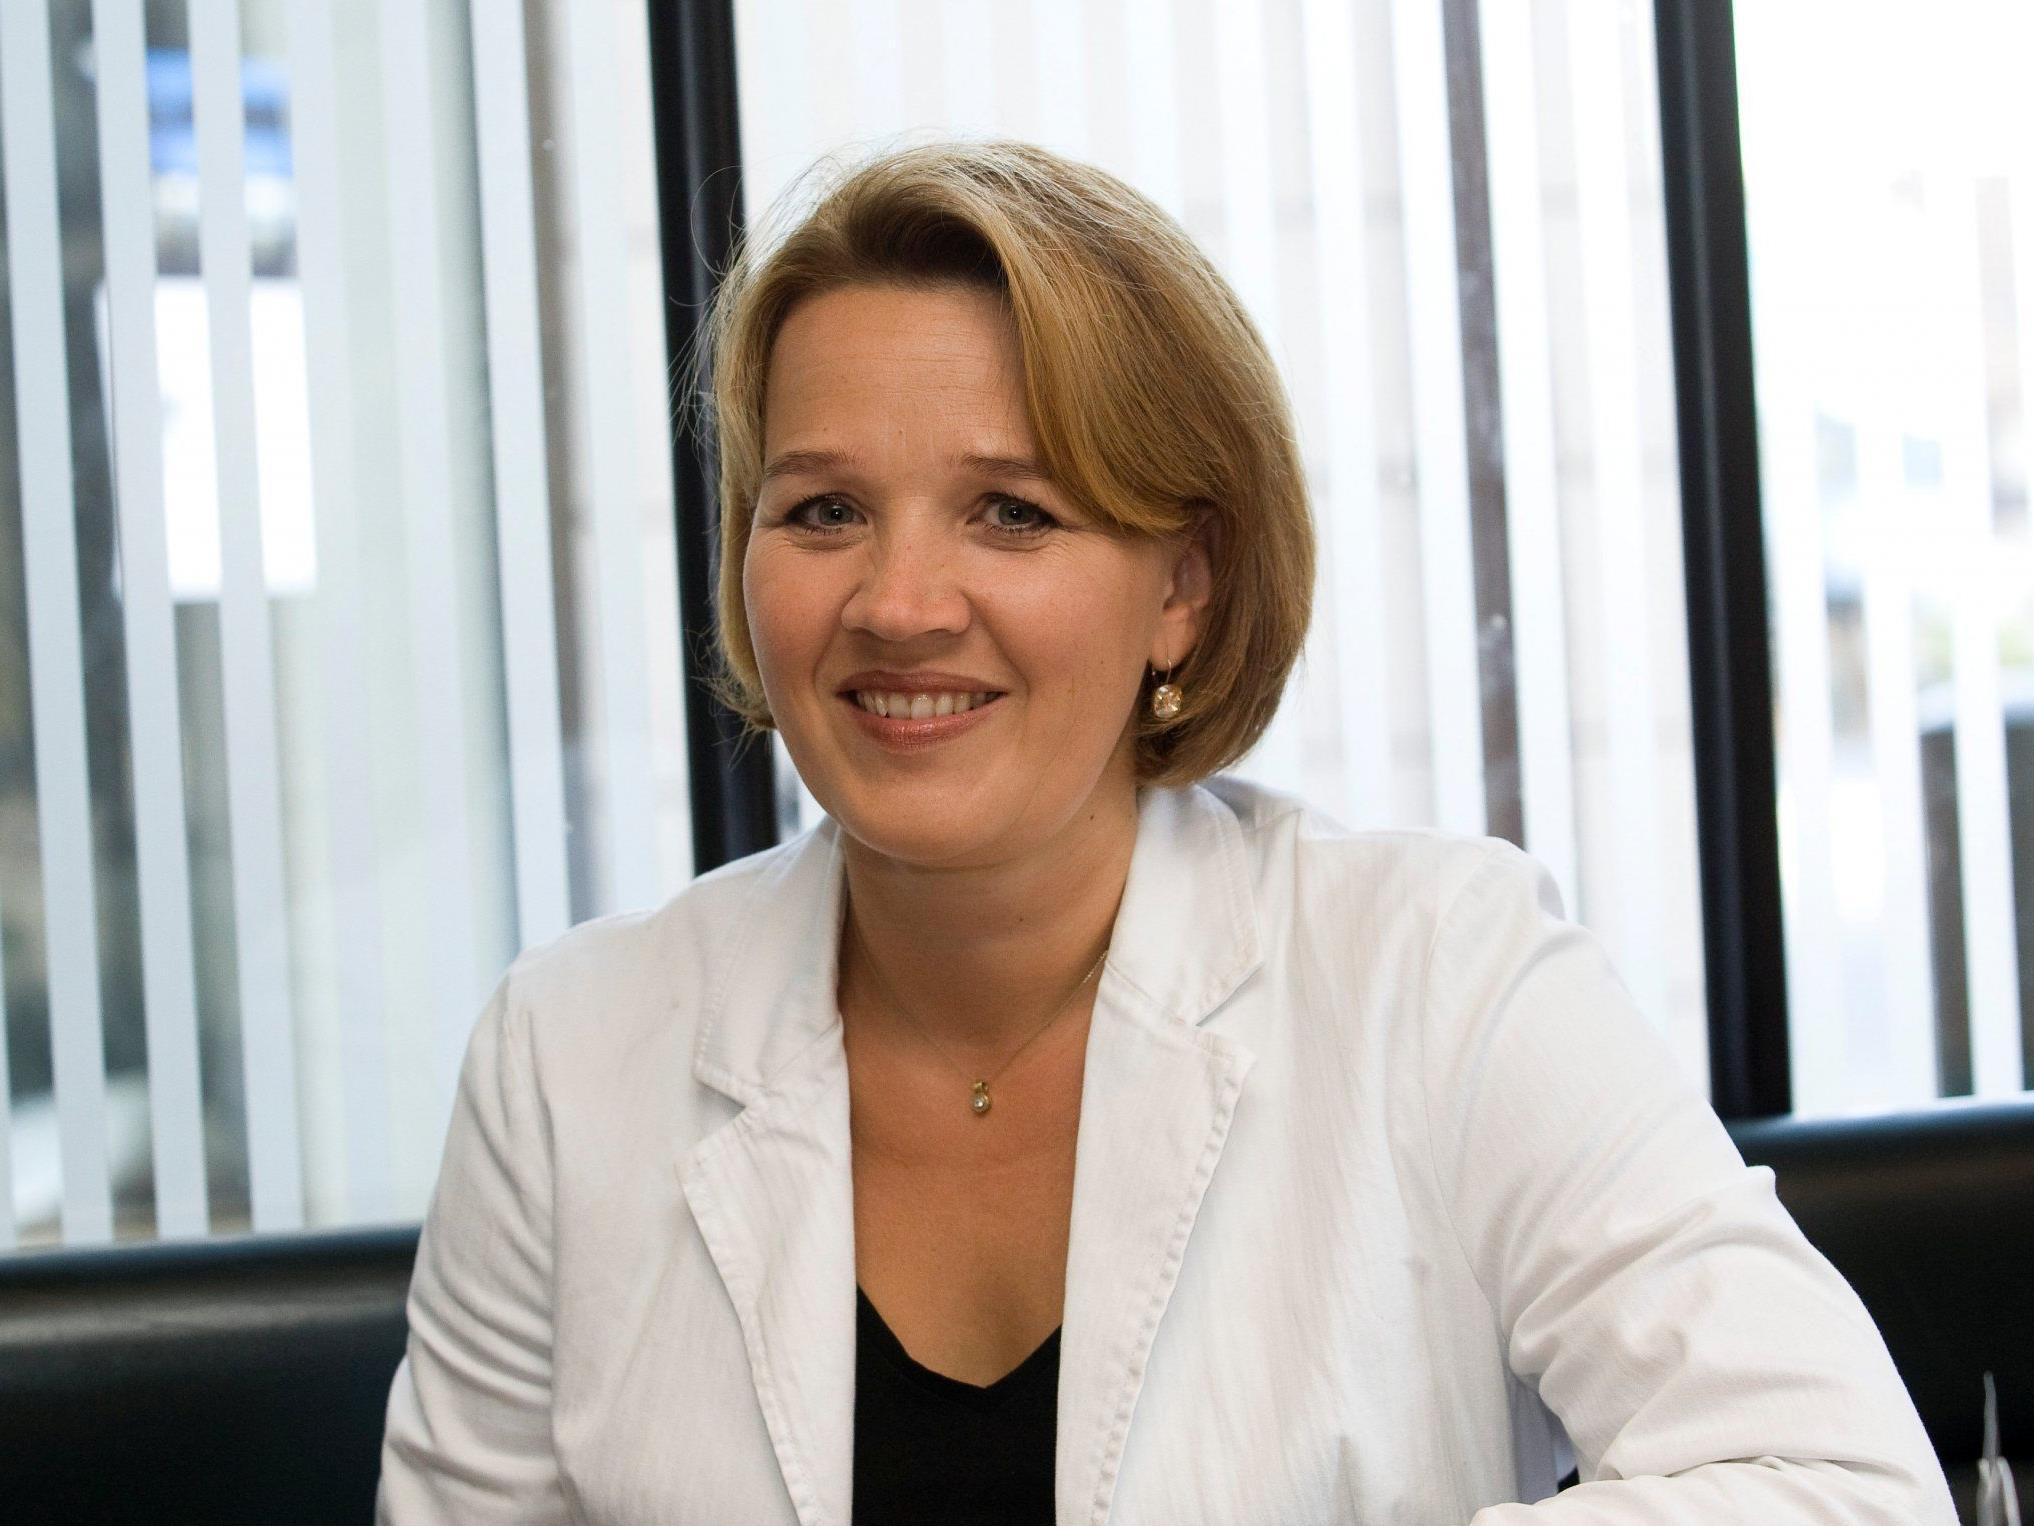 Für interessierte Bürger bietet sich in Gaißau die Möglichkeit zum Gespräch mit LR Kaufmann.